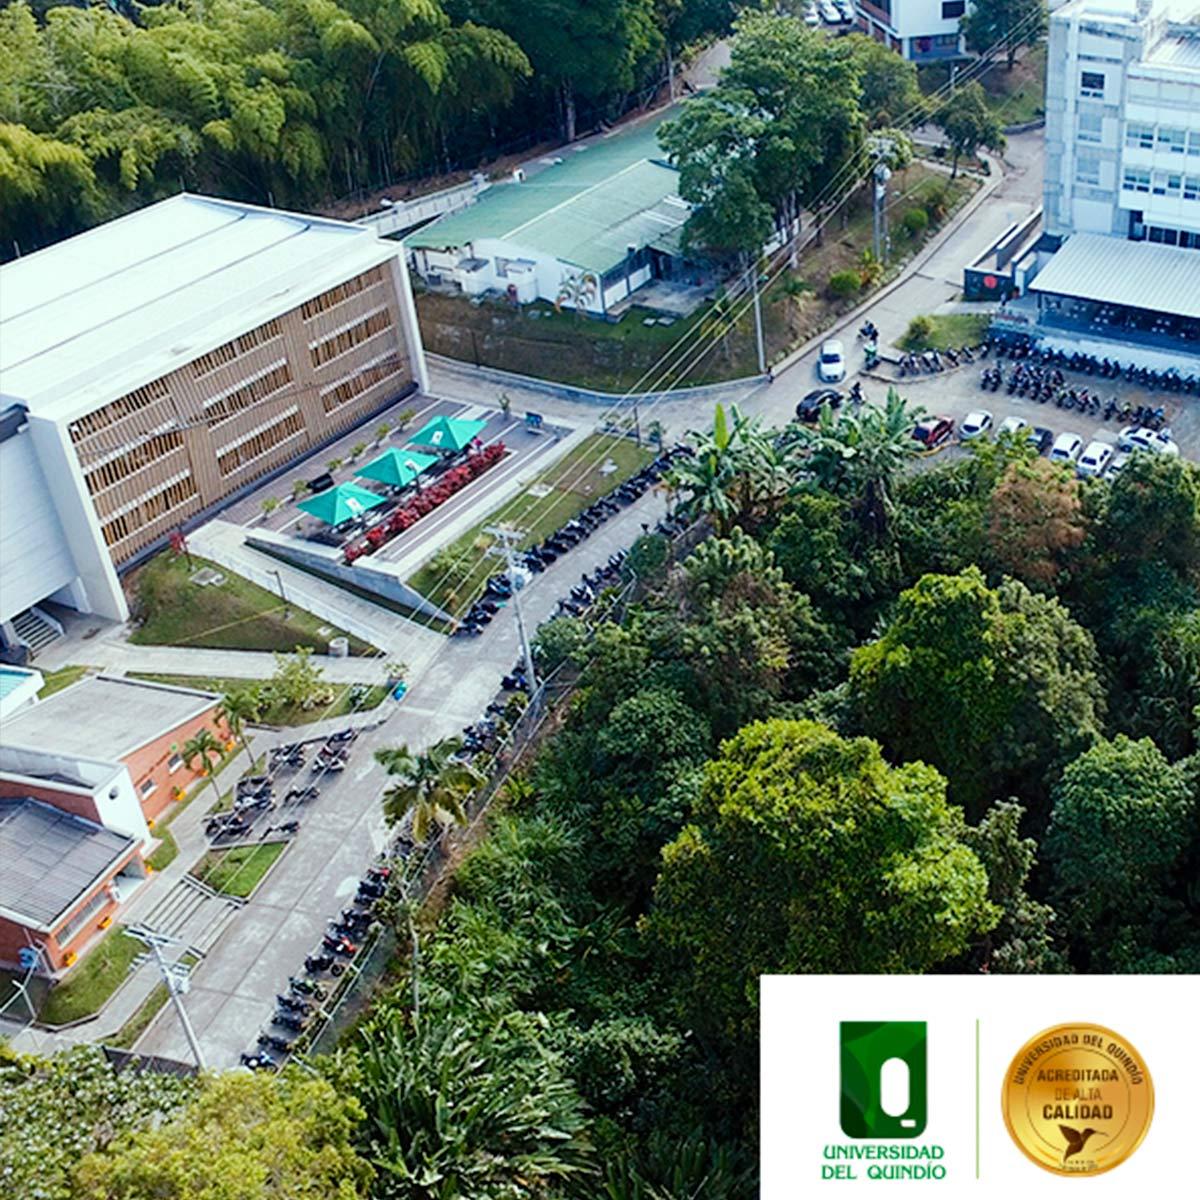 Universidad del Quindio  (Uniquindio)